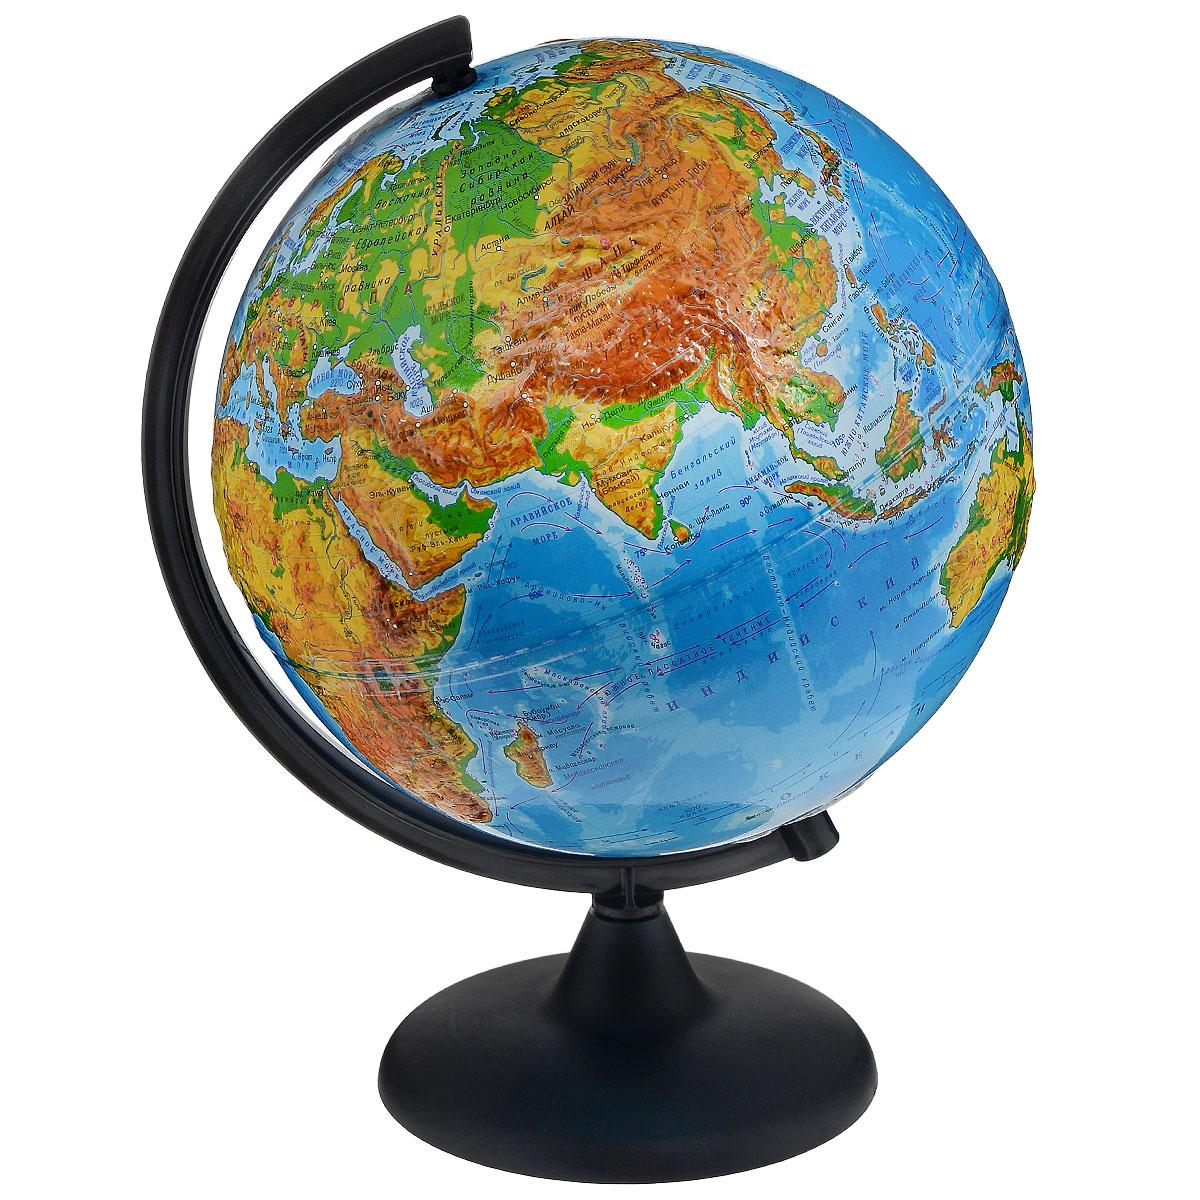 Глобусный мир Глобус с физической картой, рельефный, диаметр 25 см, на подставке10176Географический глобус с физической картой мира станет незаменимым атрибутом обучения не только школьника, но и студента. На глобусе отображены линии картографической сетки, гидрографическая сеть, рельеф суши и морского дна, крупнейшие населенные пункты, теплые и холодные течения. Глобус является уменьшенной и практически не искаженной моделью Земли и предназначен для использования в качестве наглядного картографического пособия, а также для украшения интерьера квартир, кабинетов и офисов. Красочность, повышенная наглядность визуального восприятия взаимосвязей, отображенных на глобусе объектов и явлений, в сочетании с простотой выполнения по нему различных измерений делают глобус доступным широкому кругу потребителей для получения разнообразной познавательной, научной и справочной информации о Земле. Масштаб: 1:50000000.